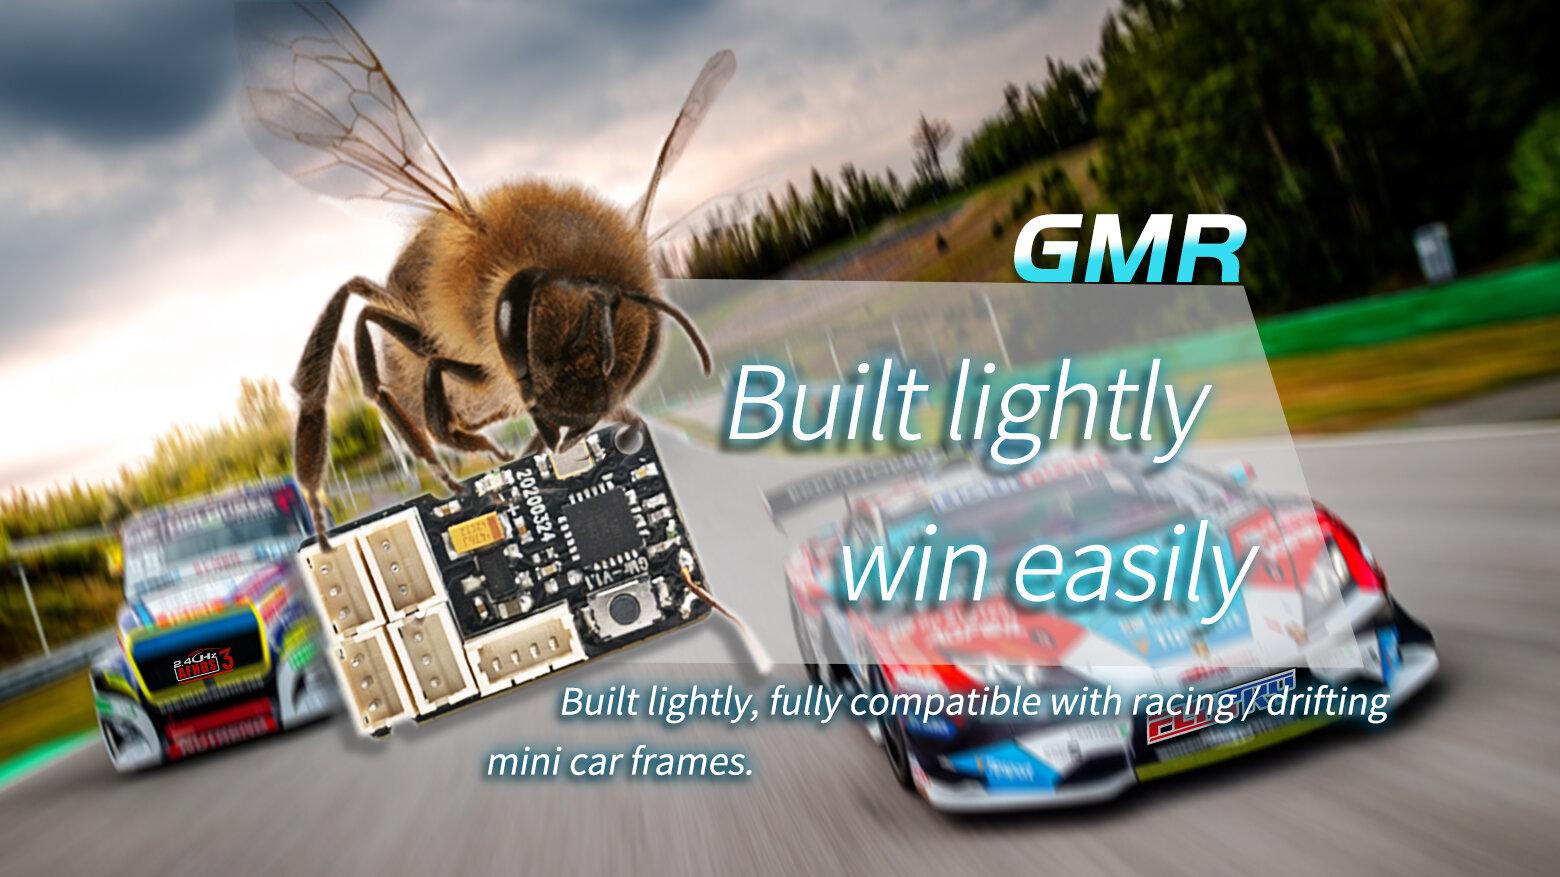 GMRbuilt lightly.jpg